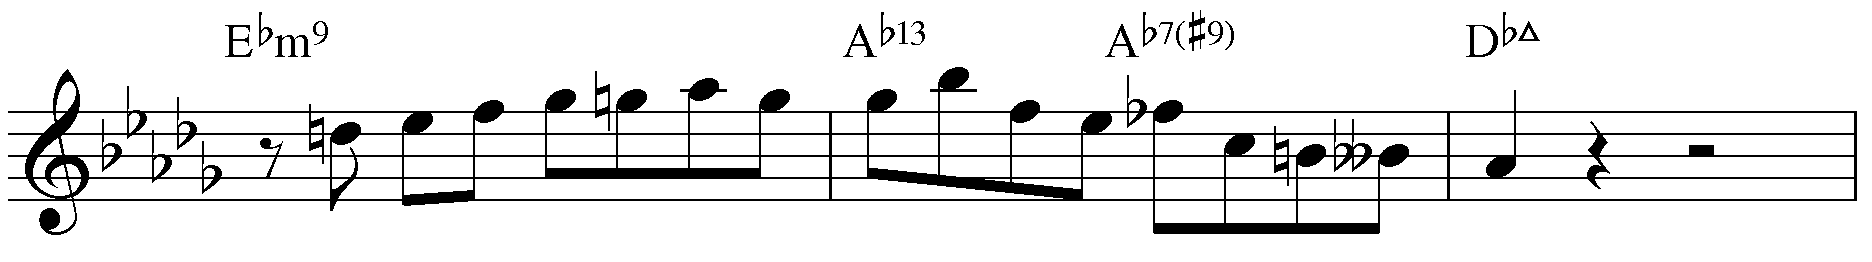 Jazzpattern IIm7 - V7 - IMaj7. Des-Dur mit Generalvorzeichnung.